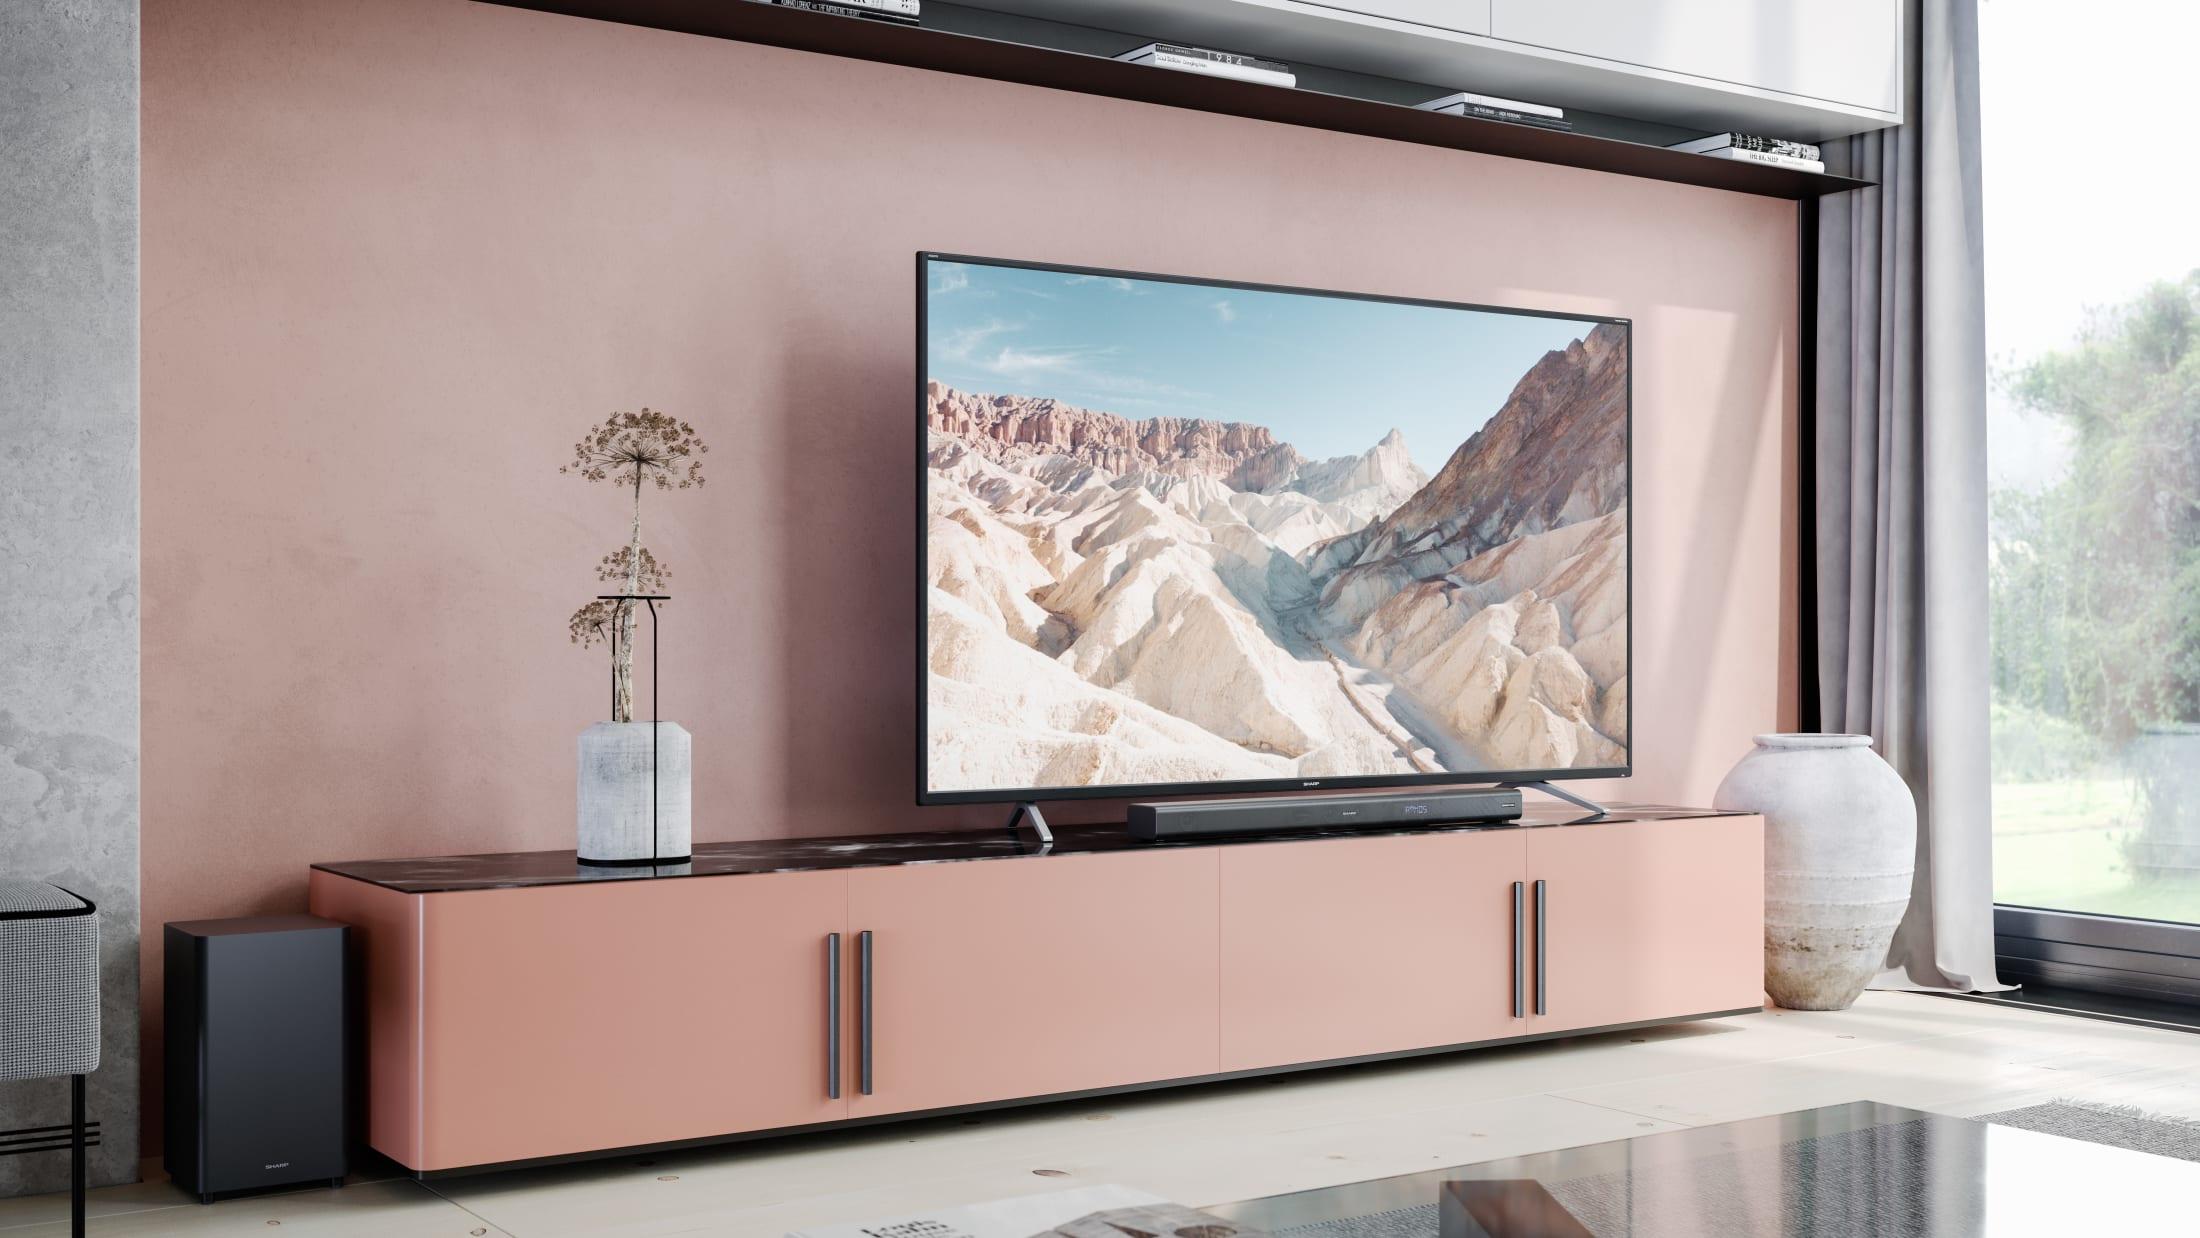 La 65BL2EA es una Android TV™ LED 4K de ultraalta definición con una funcionalidad multimedia excepcional.